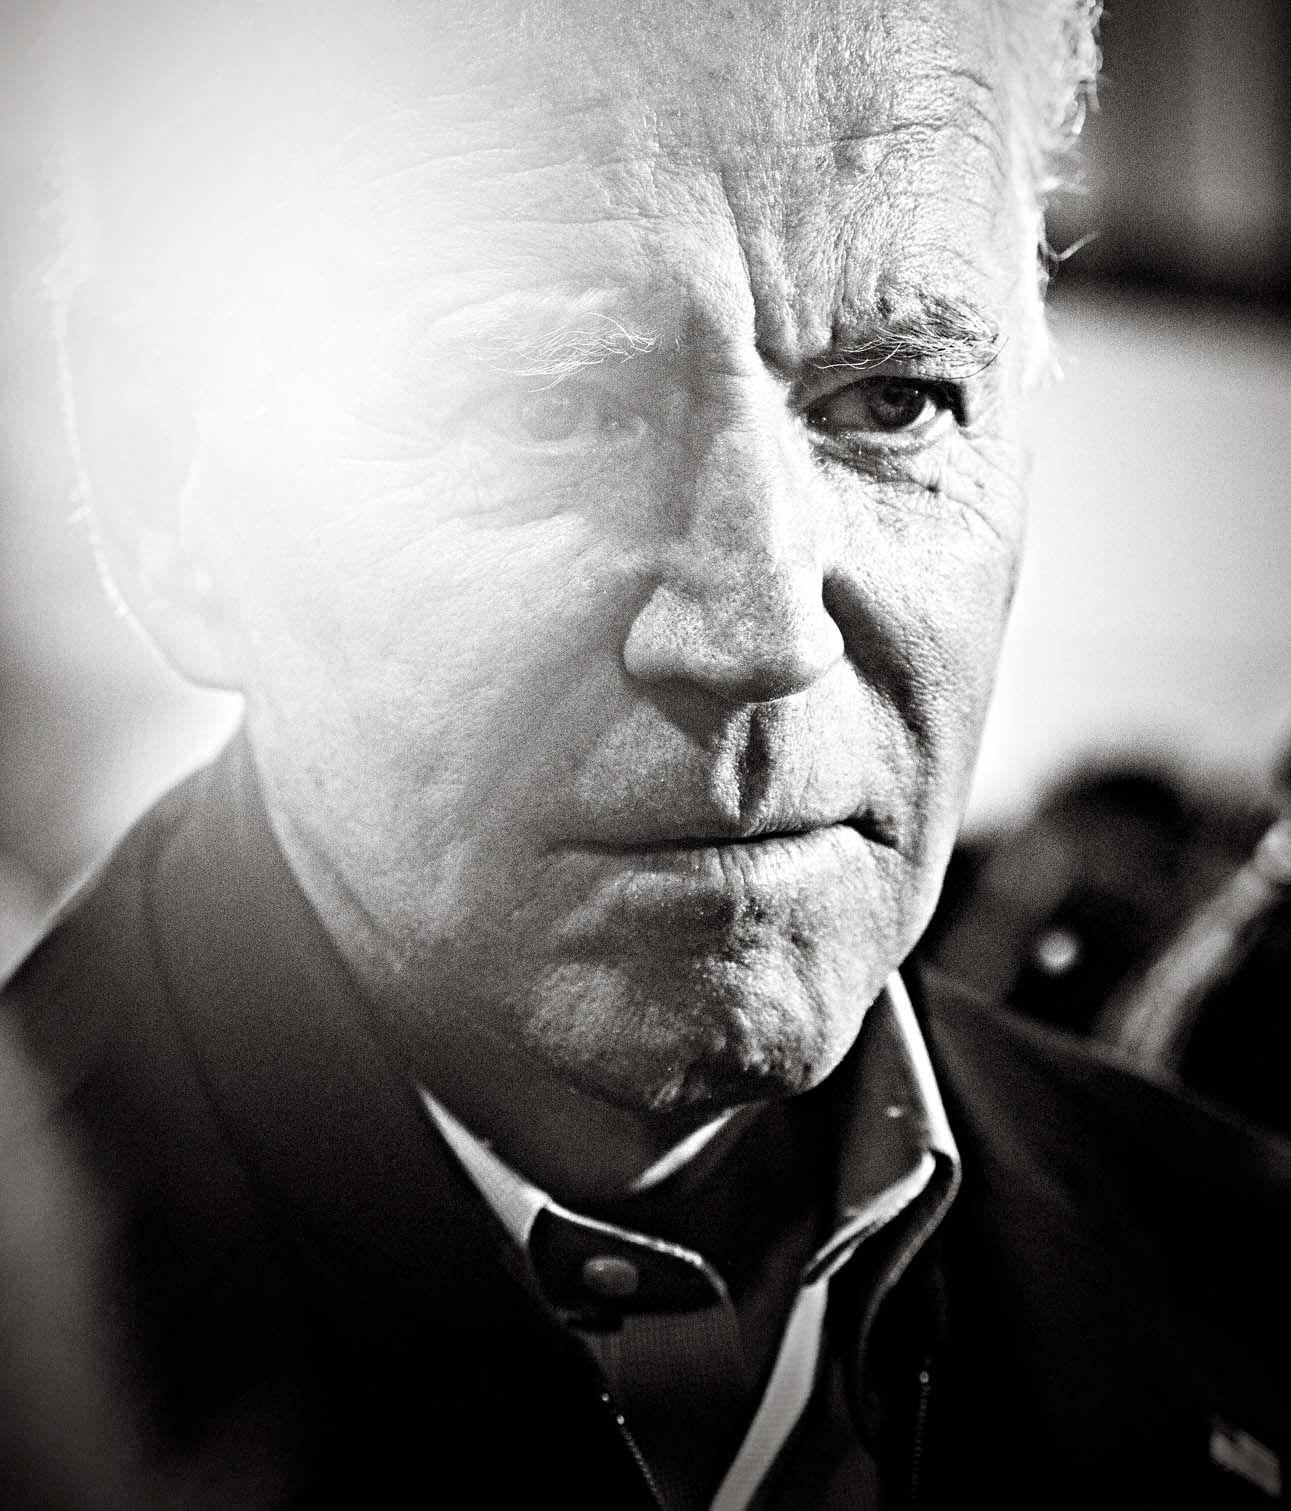 Joe Biden Is Planning An Fdr Size Presidency